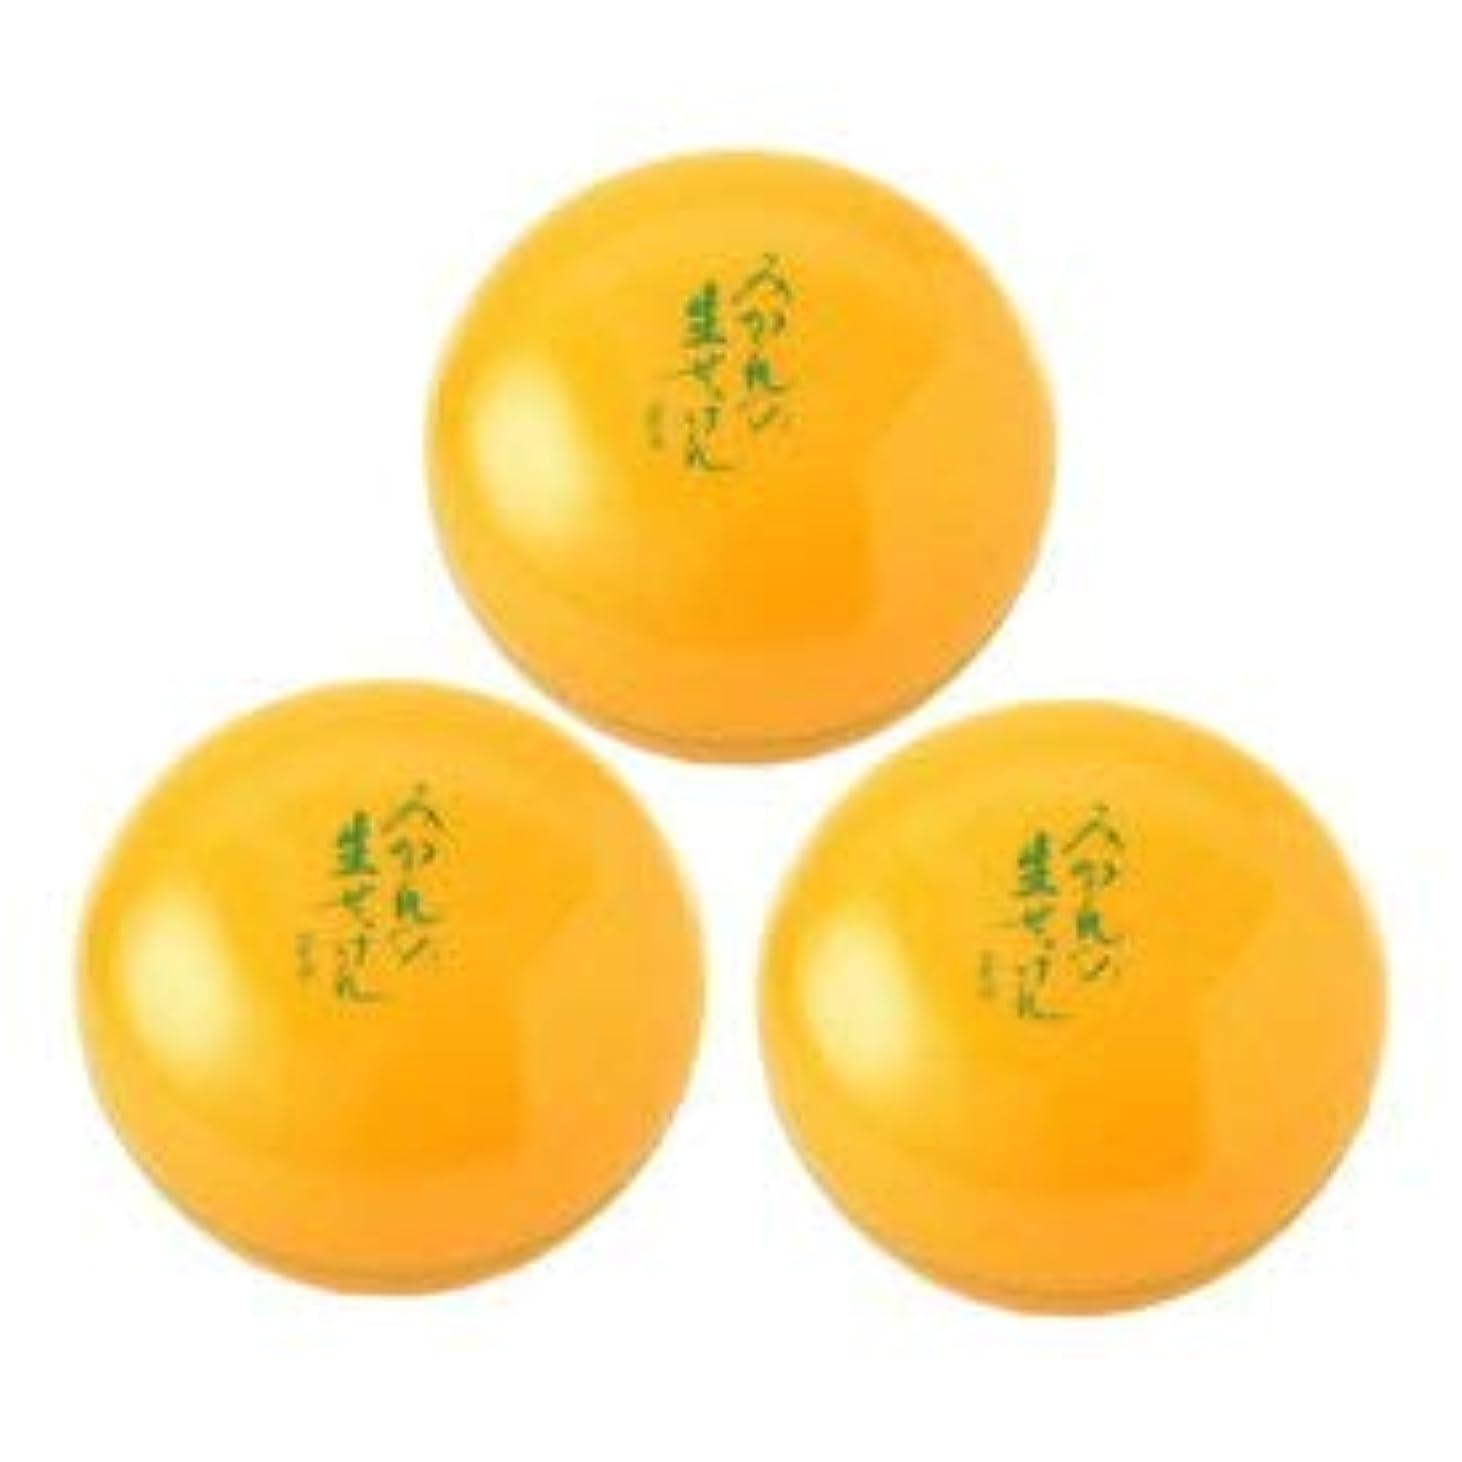 適合するプランタースキムUYEKI美香柑みかんの生せっけん50g×3個セット